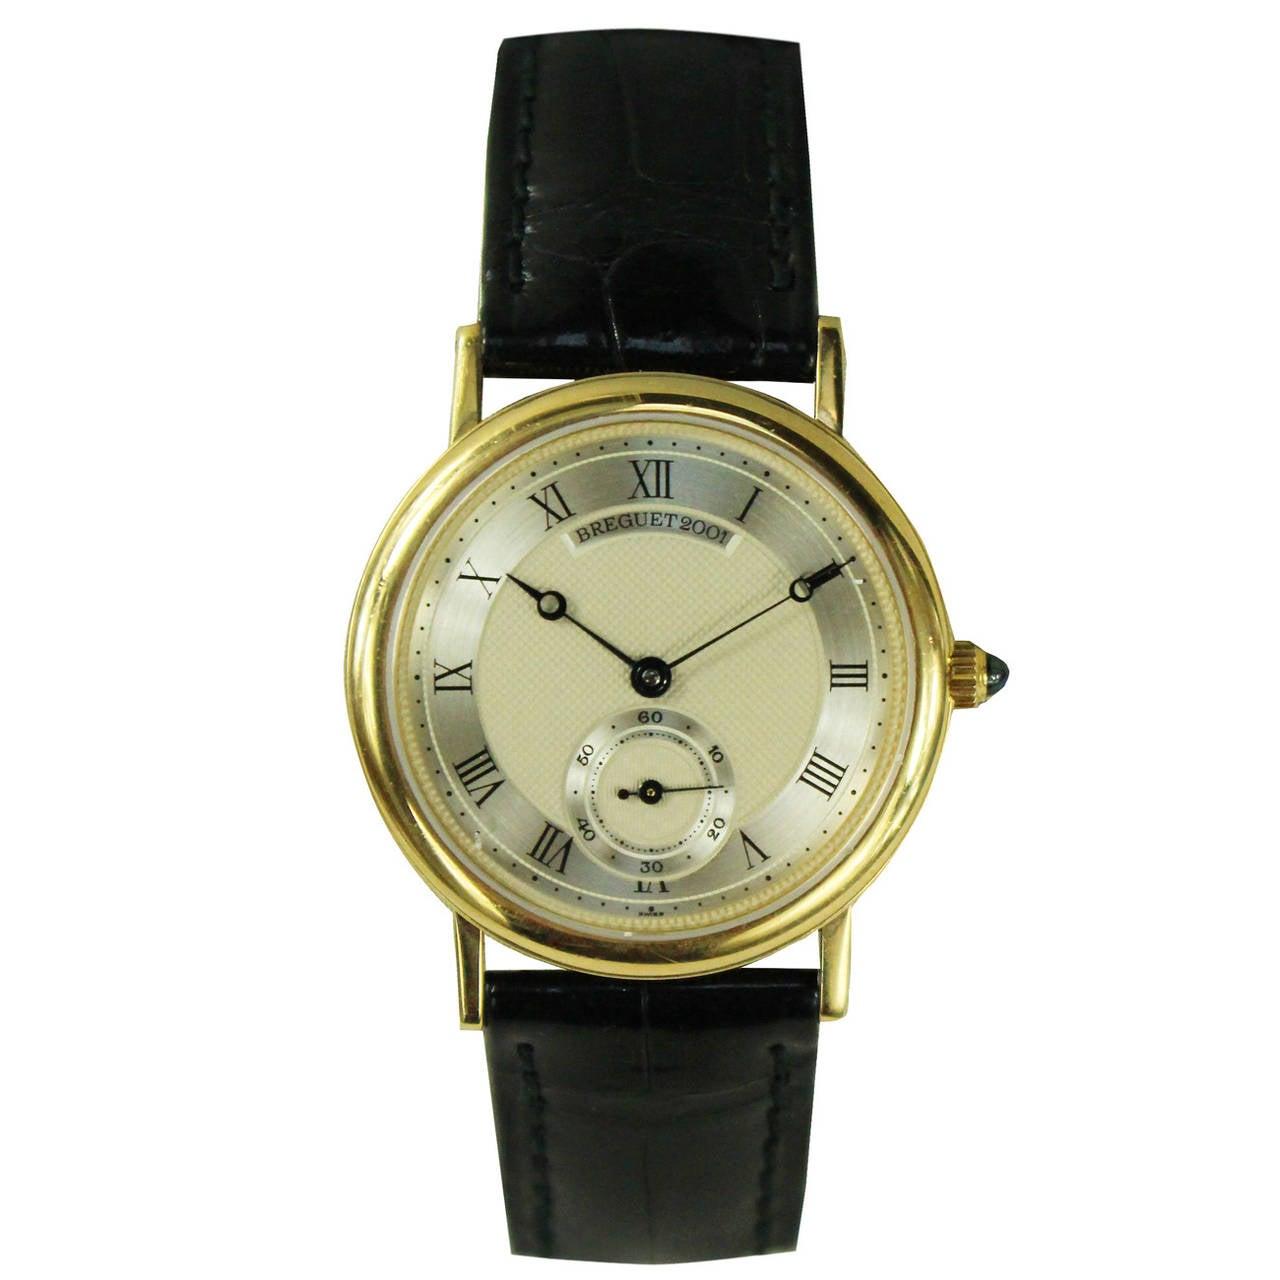 Breguet Yellow Gold Classique Manual Wind Wristwatch